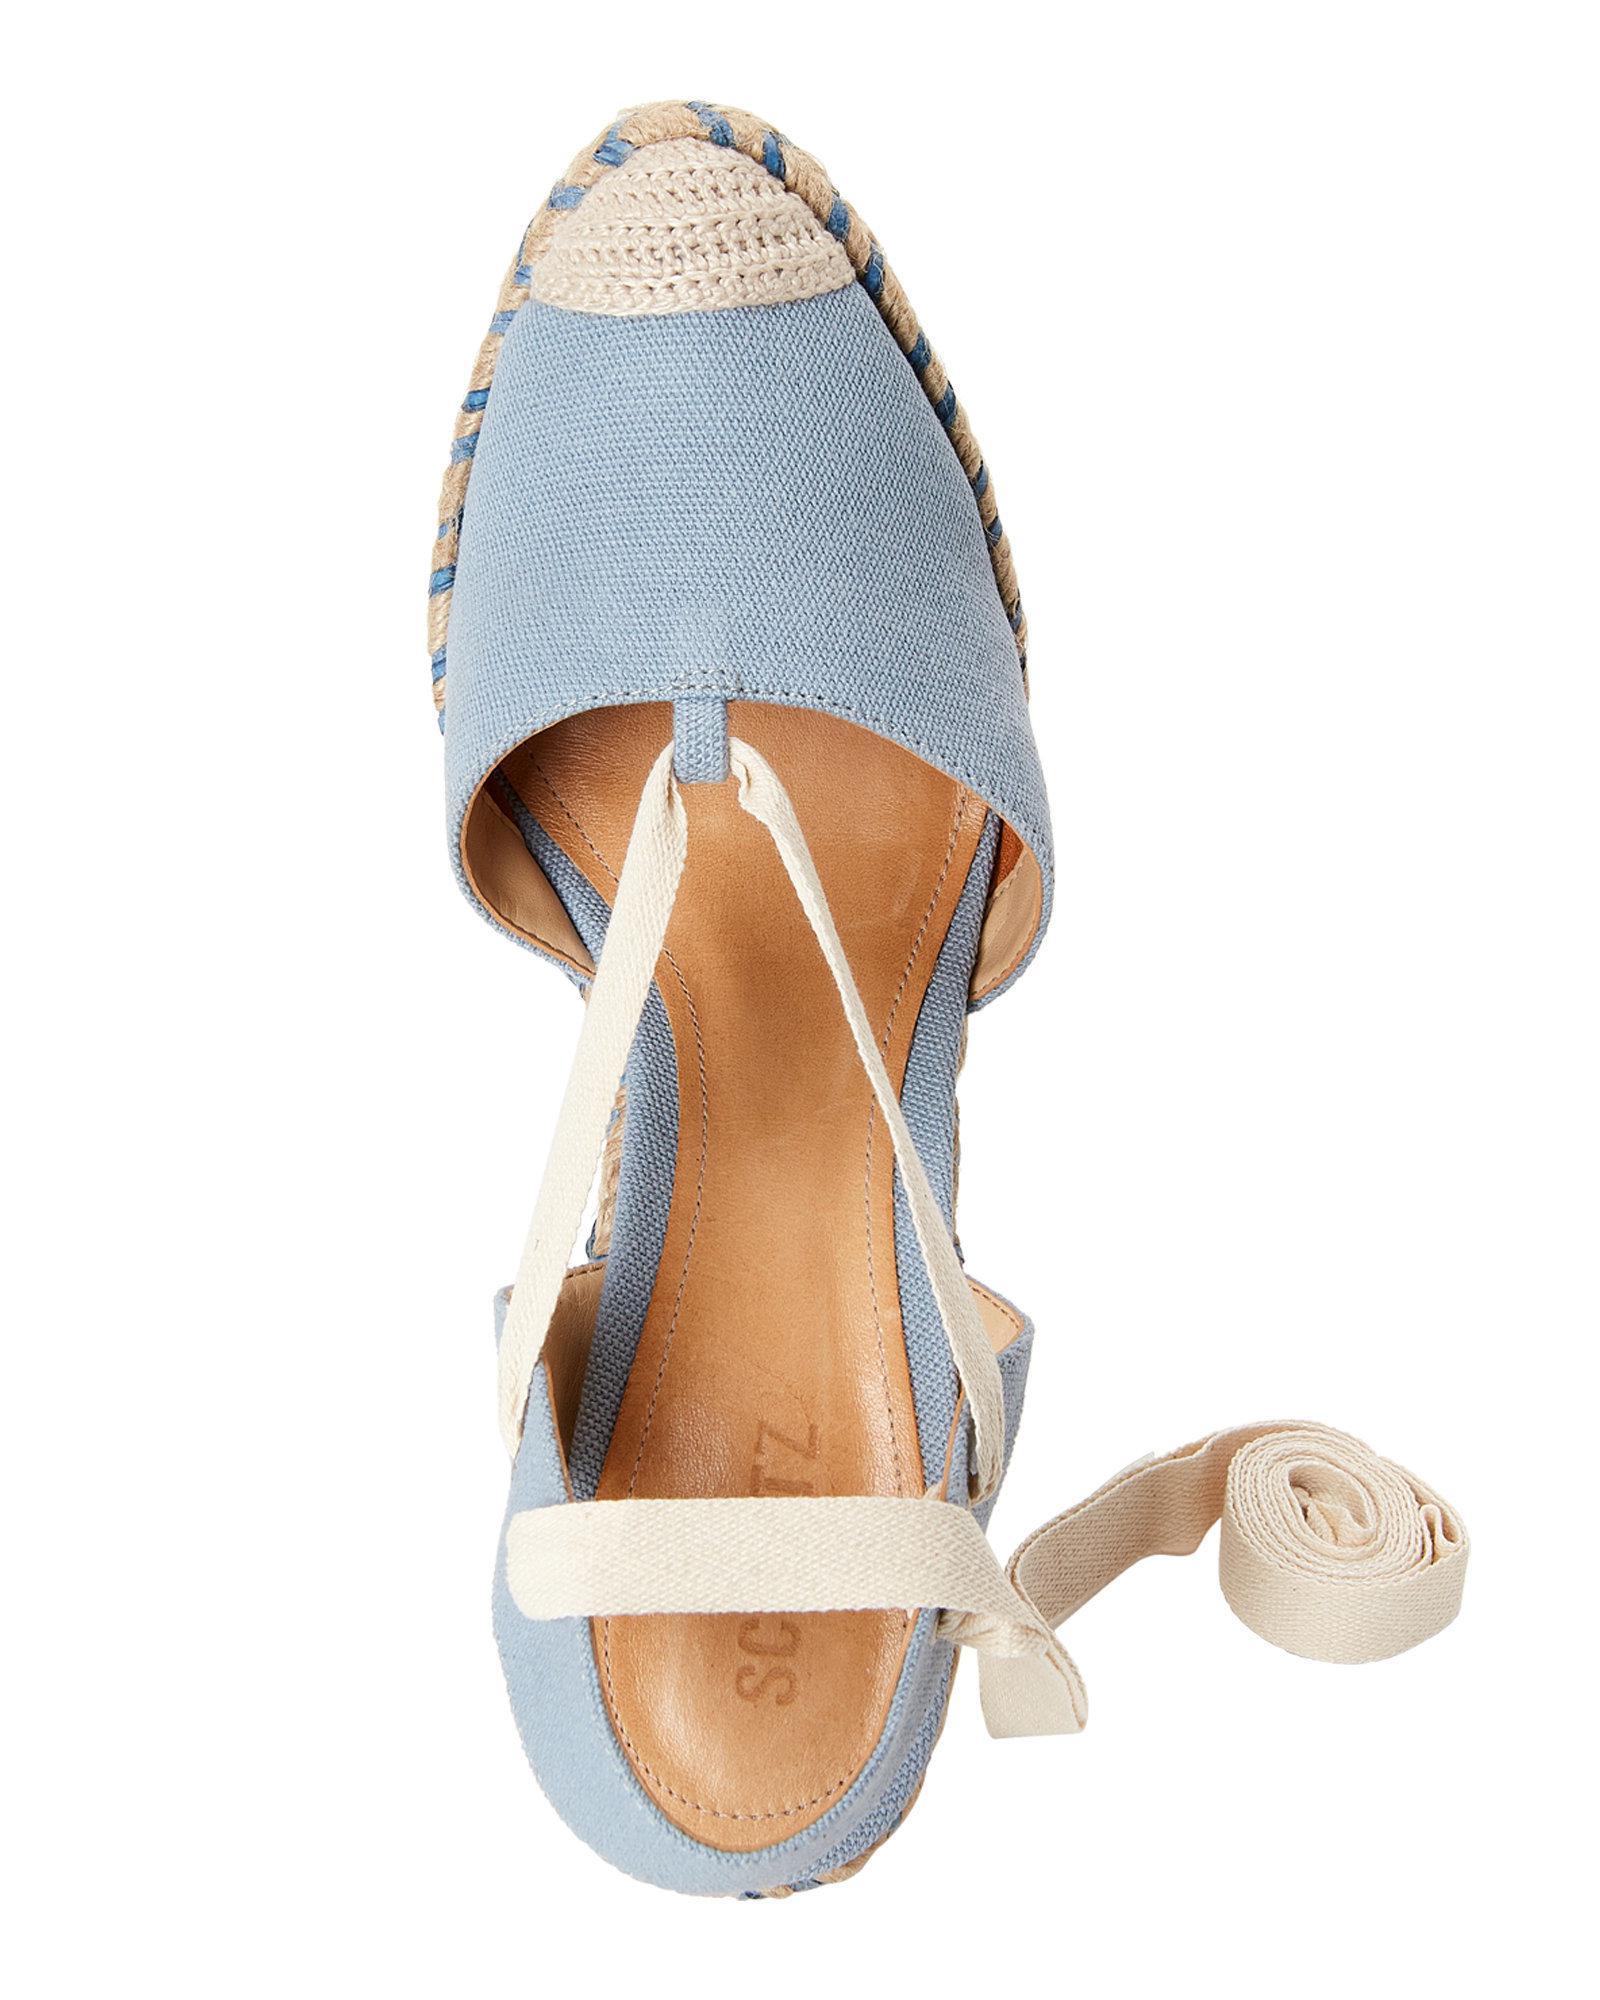 cd39db44f435 Lyst - Schutz Jeans Lona Espadrille Wedge Espadrille Sandals in Blue